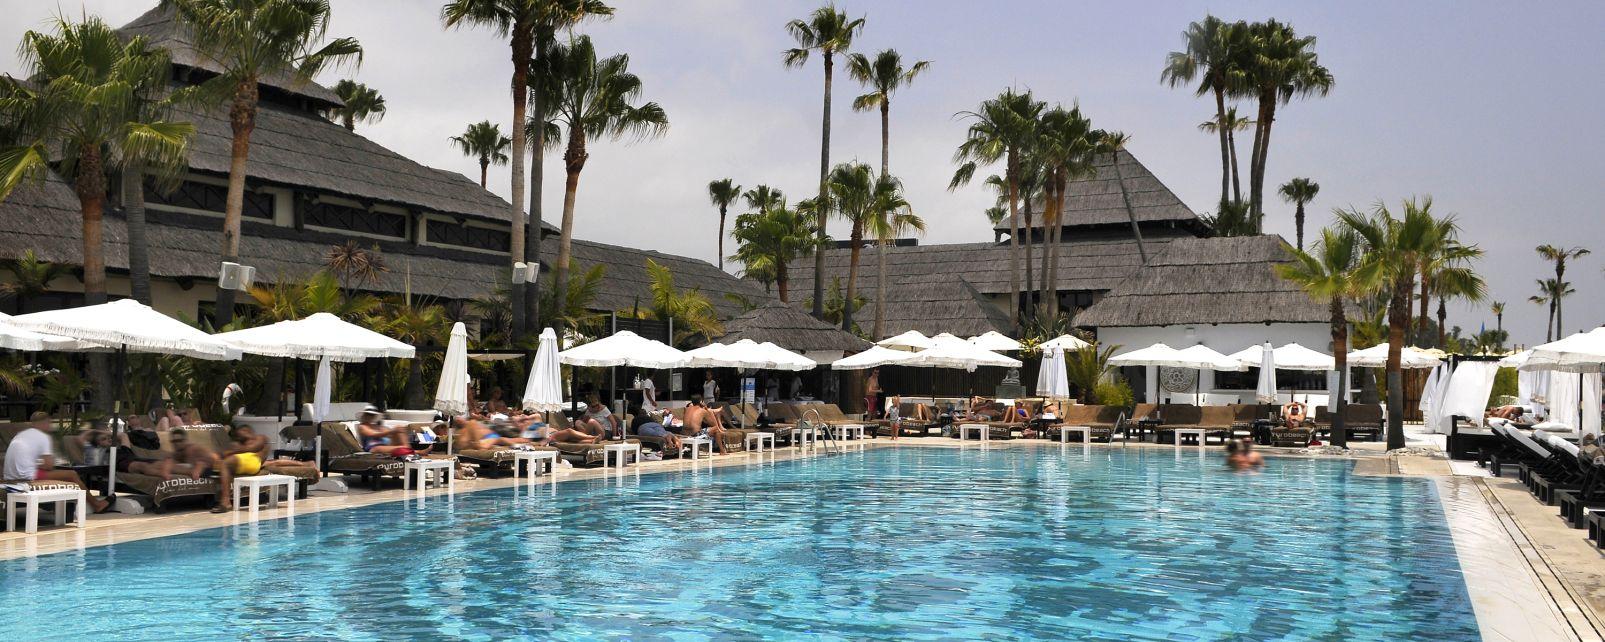 Les activités et les loisirs, Espagne, Andalousie, Puro Beach, Marbella: hotel